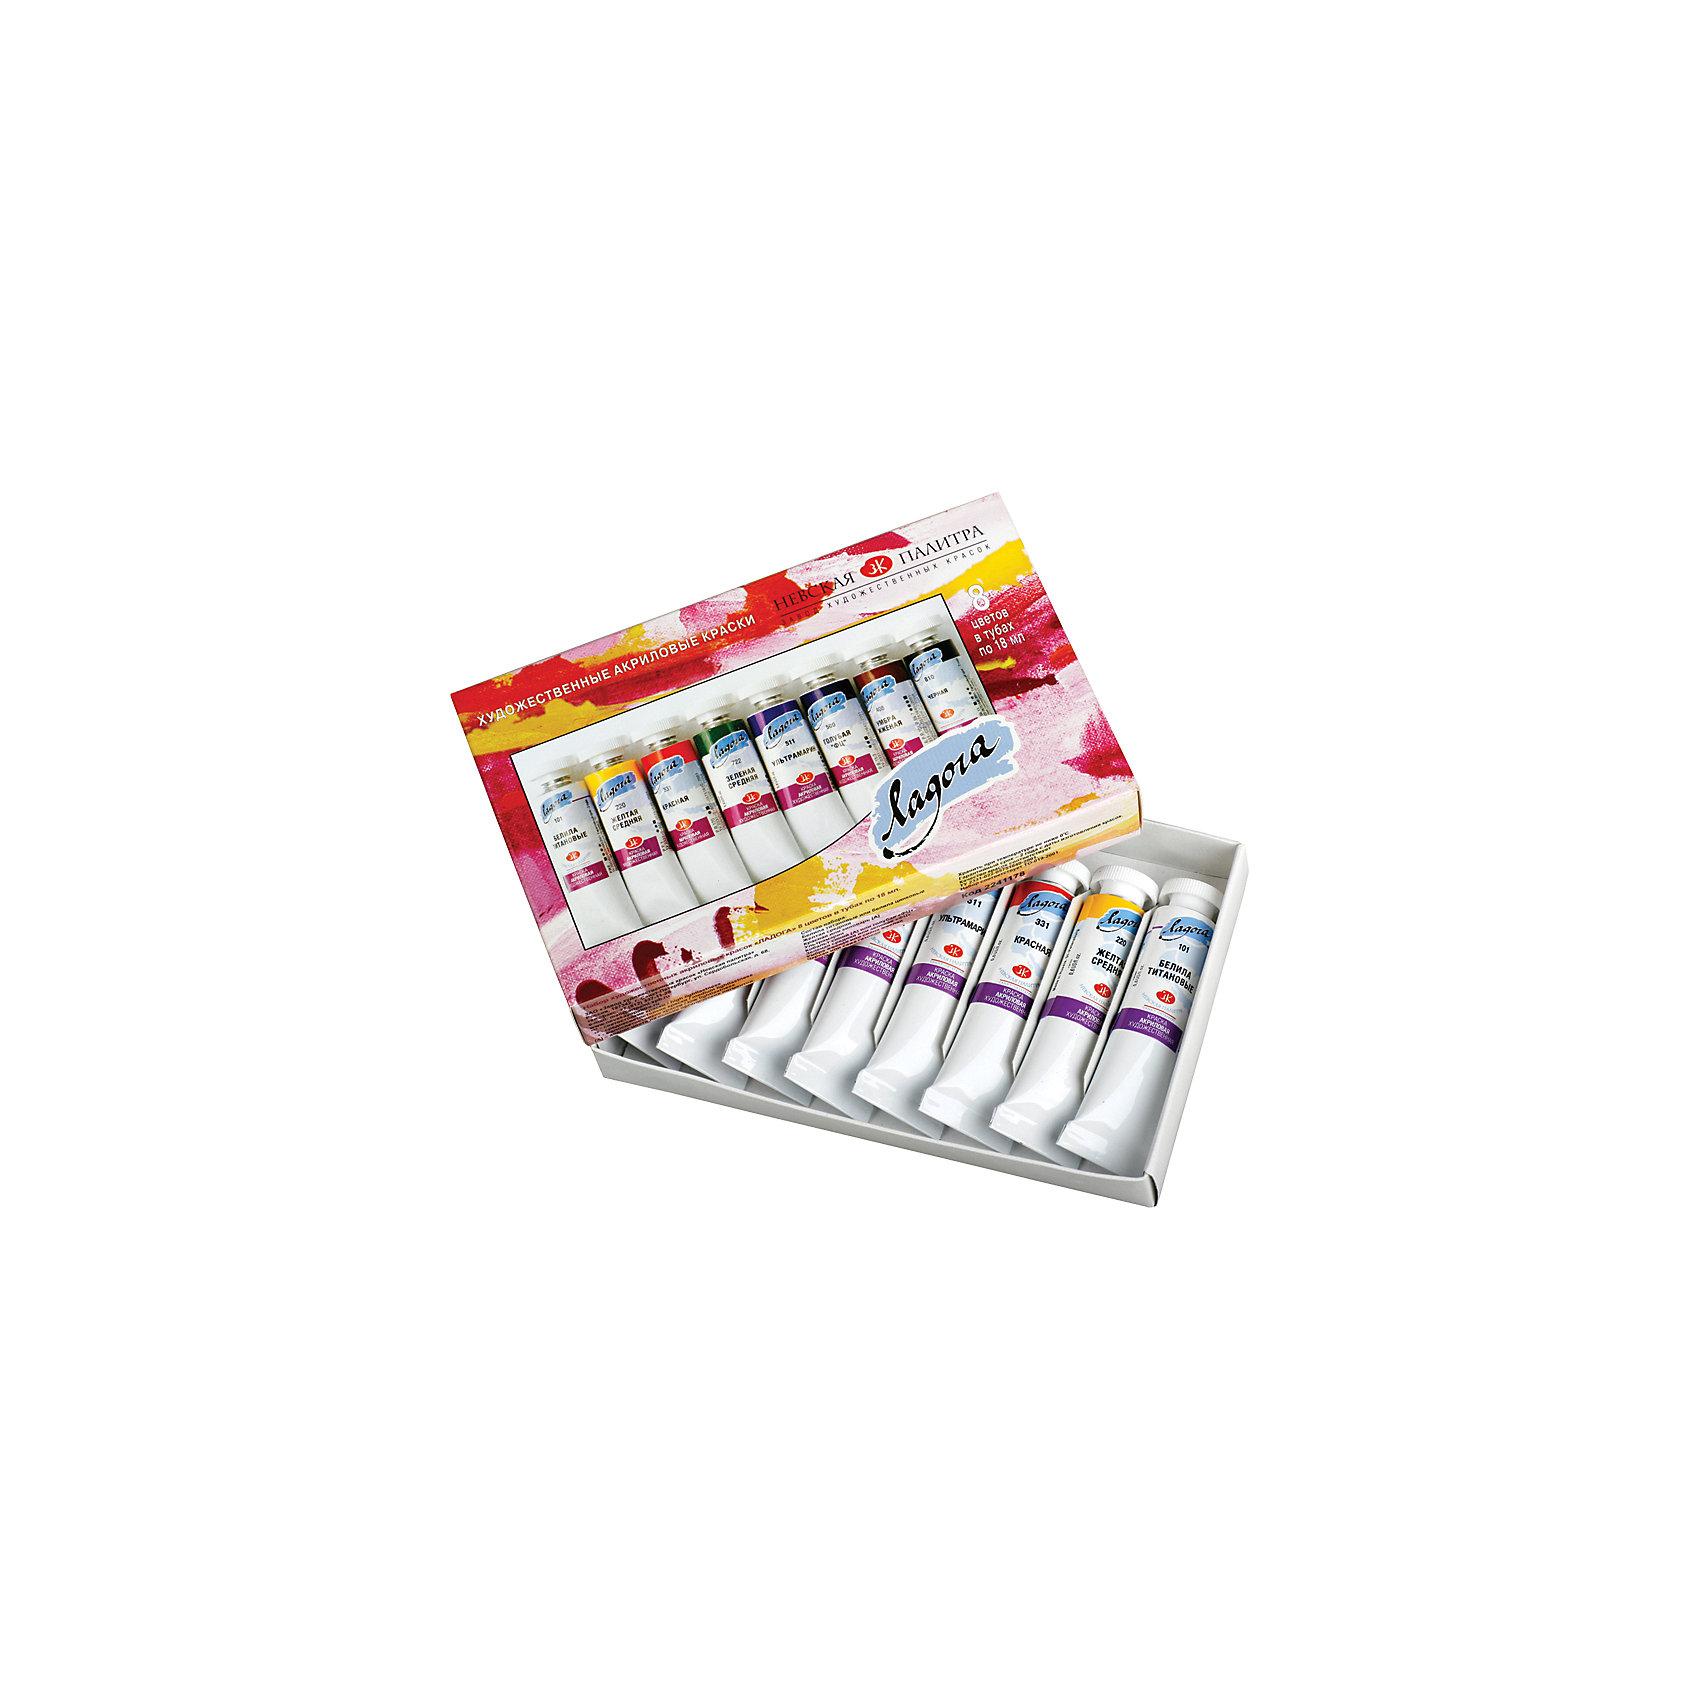 Краски акриловые 8цветов 18мл/туба Ладога от myToys